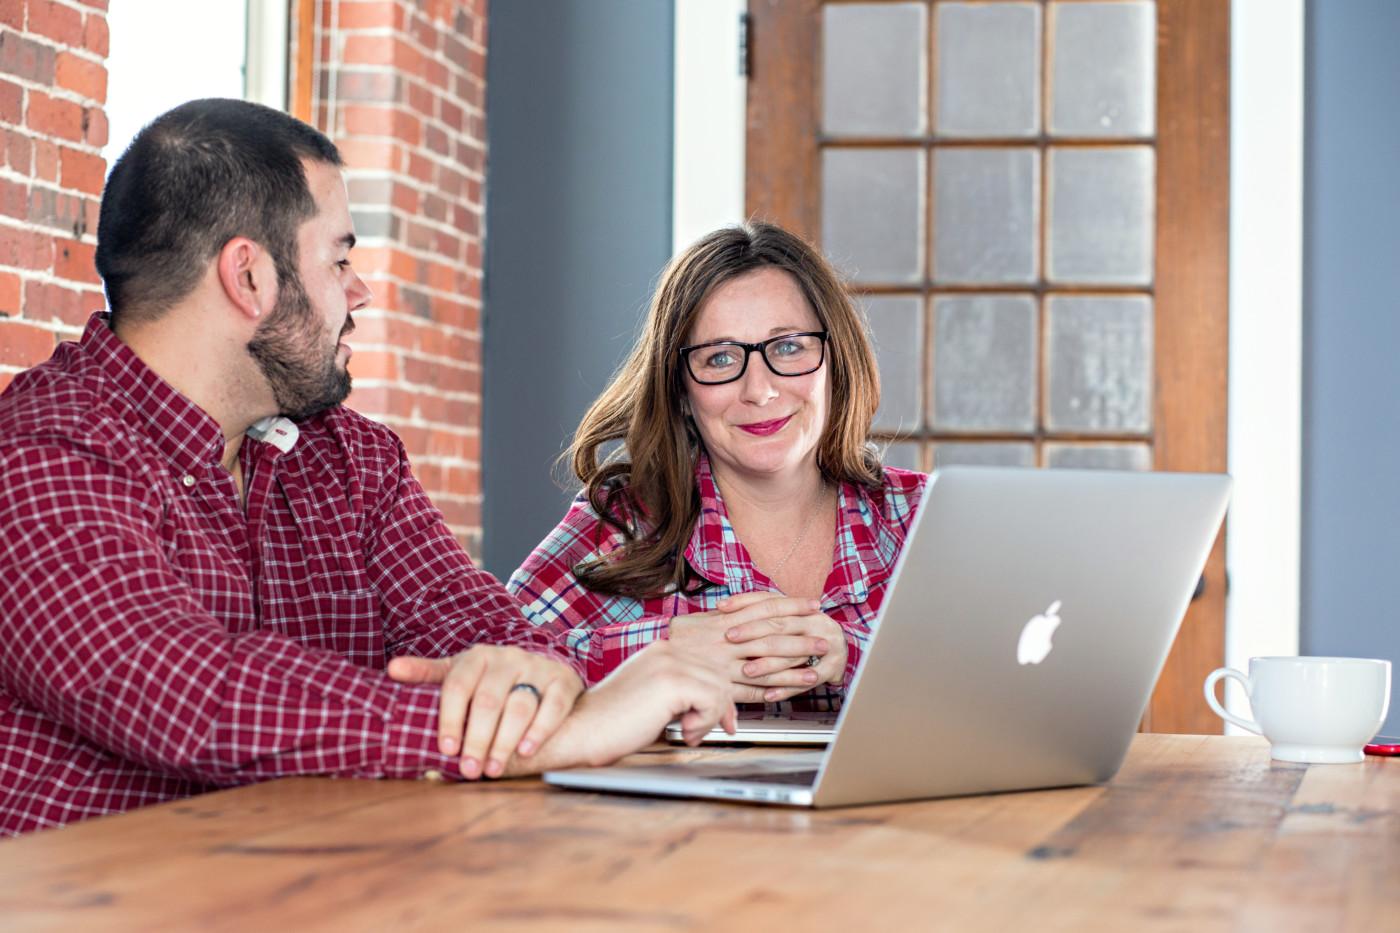 Lysa Miller and Marc Avila Merged their Digital Agencies in 2016